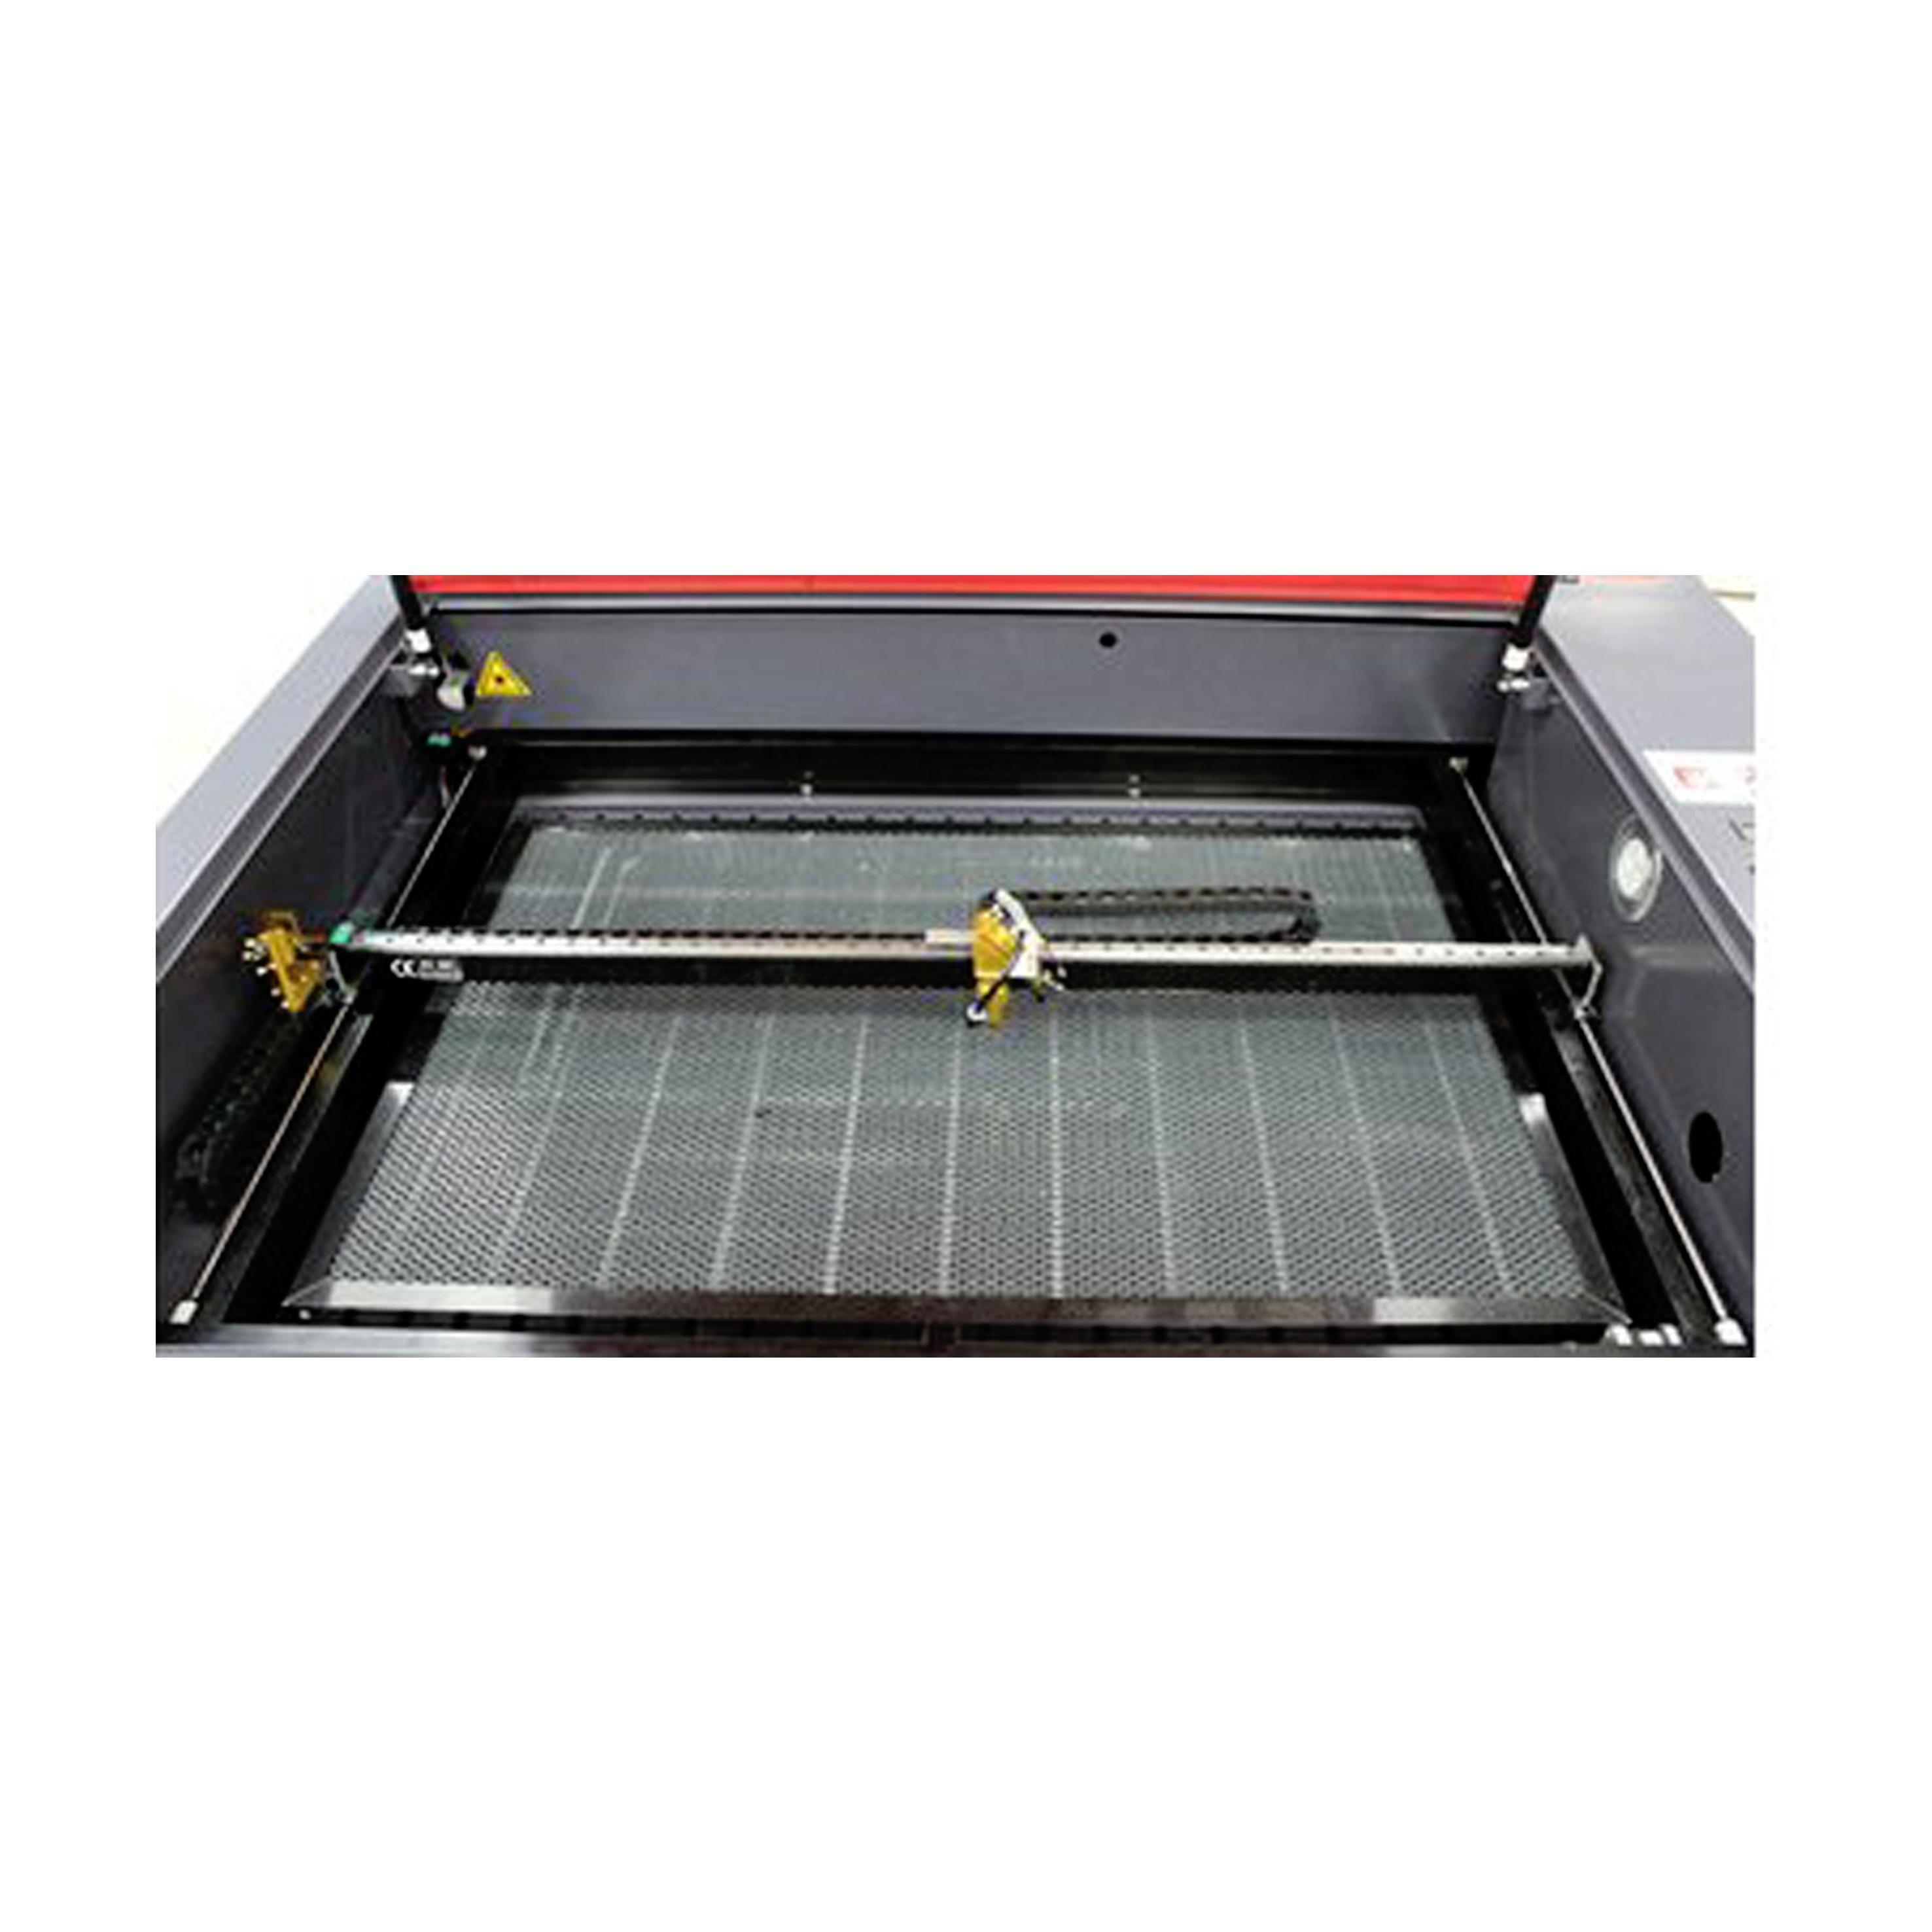 Laser Engraving Cutting Machine (80 W)